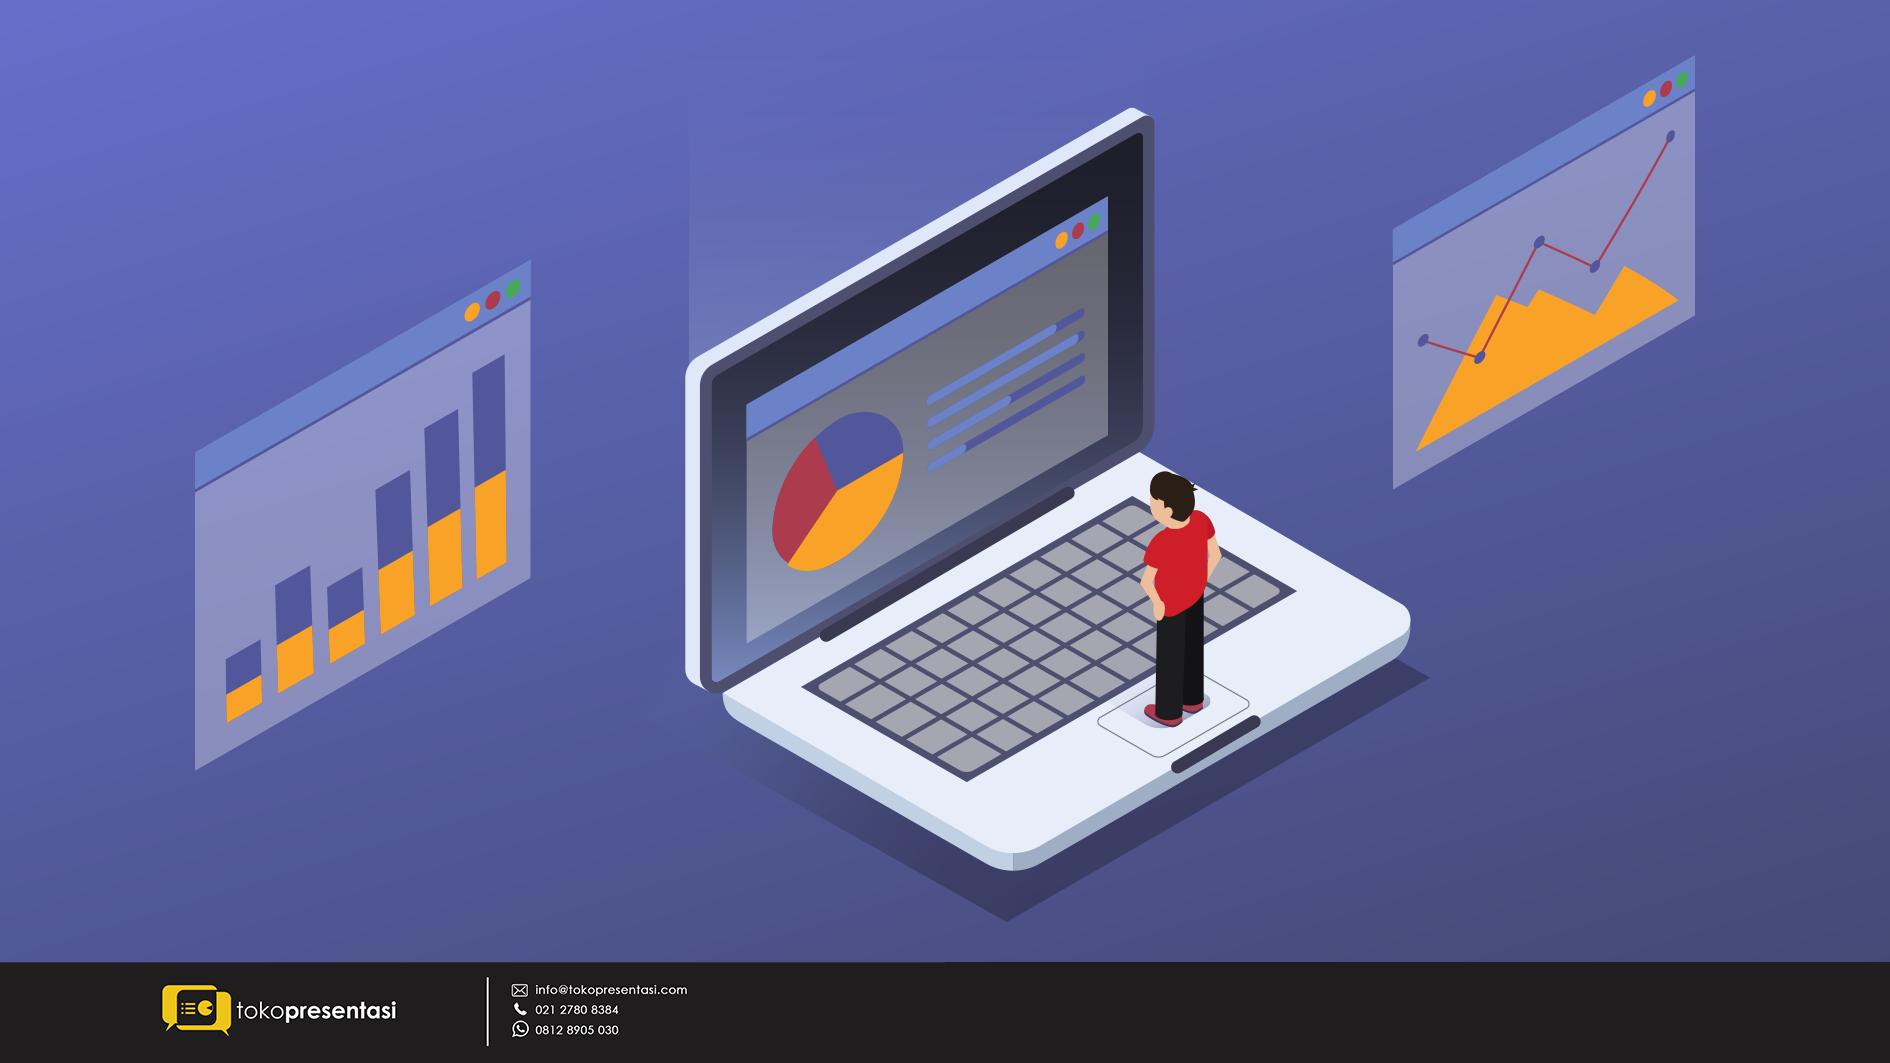 Ingin Presentasi yang Berbeda? Gunakan Trik Slide Presentasi 3D Tokopresentasi